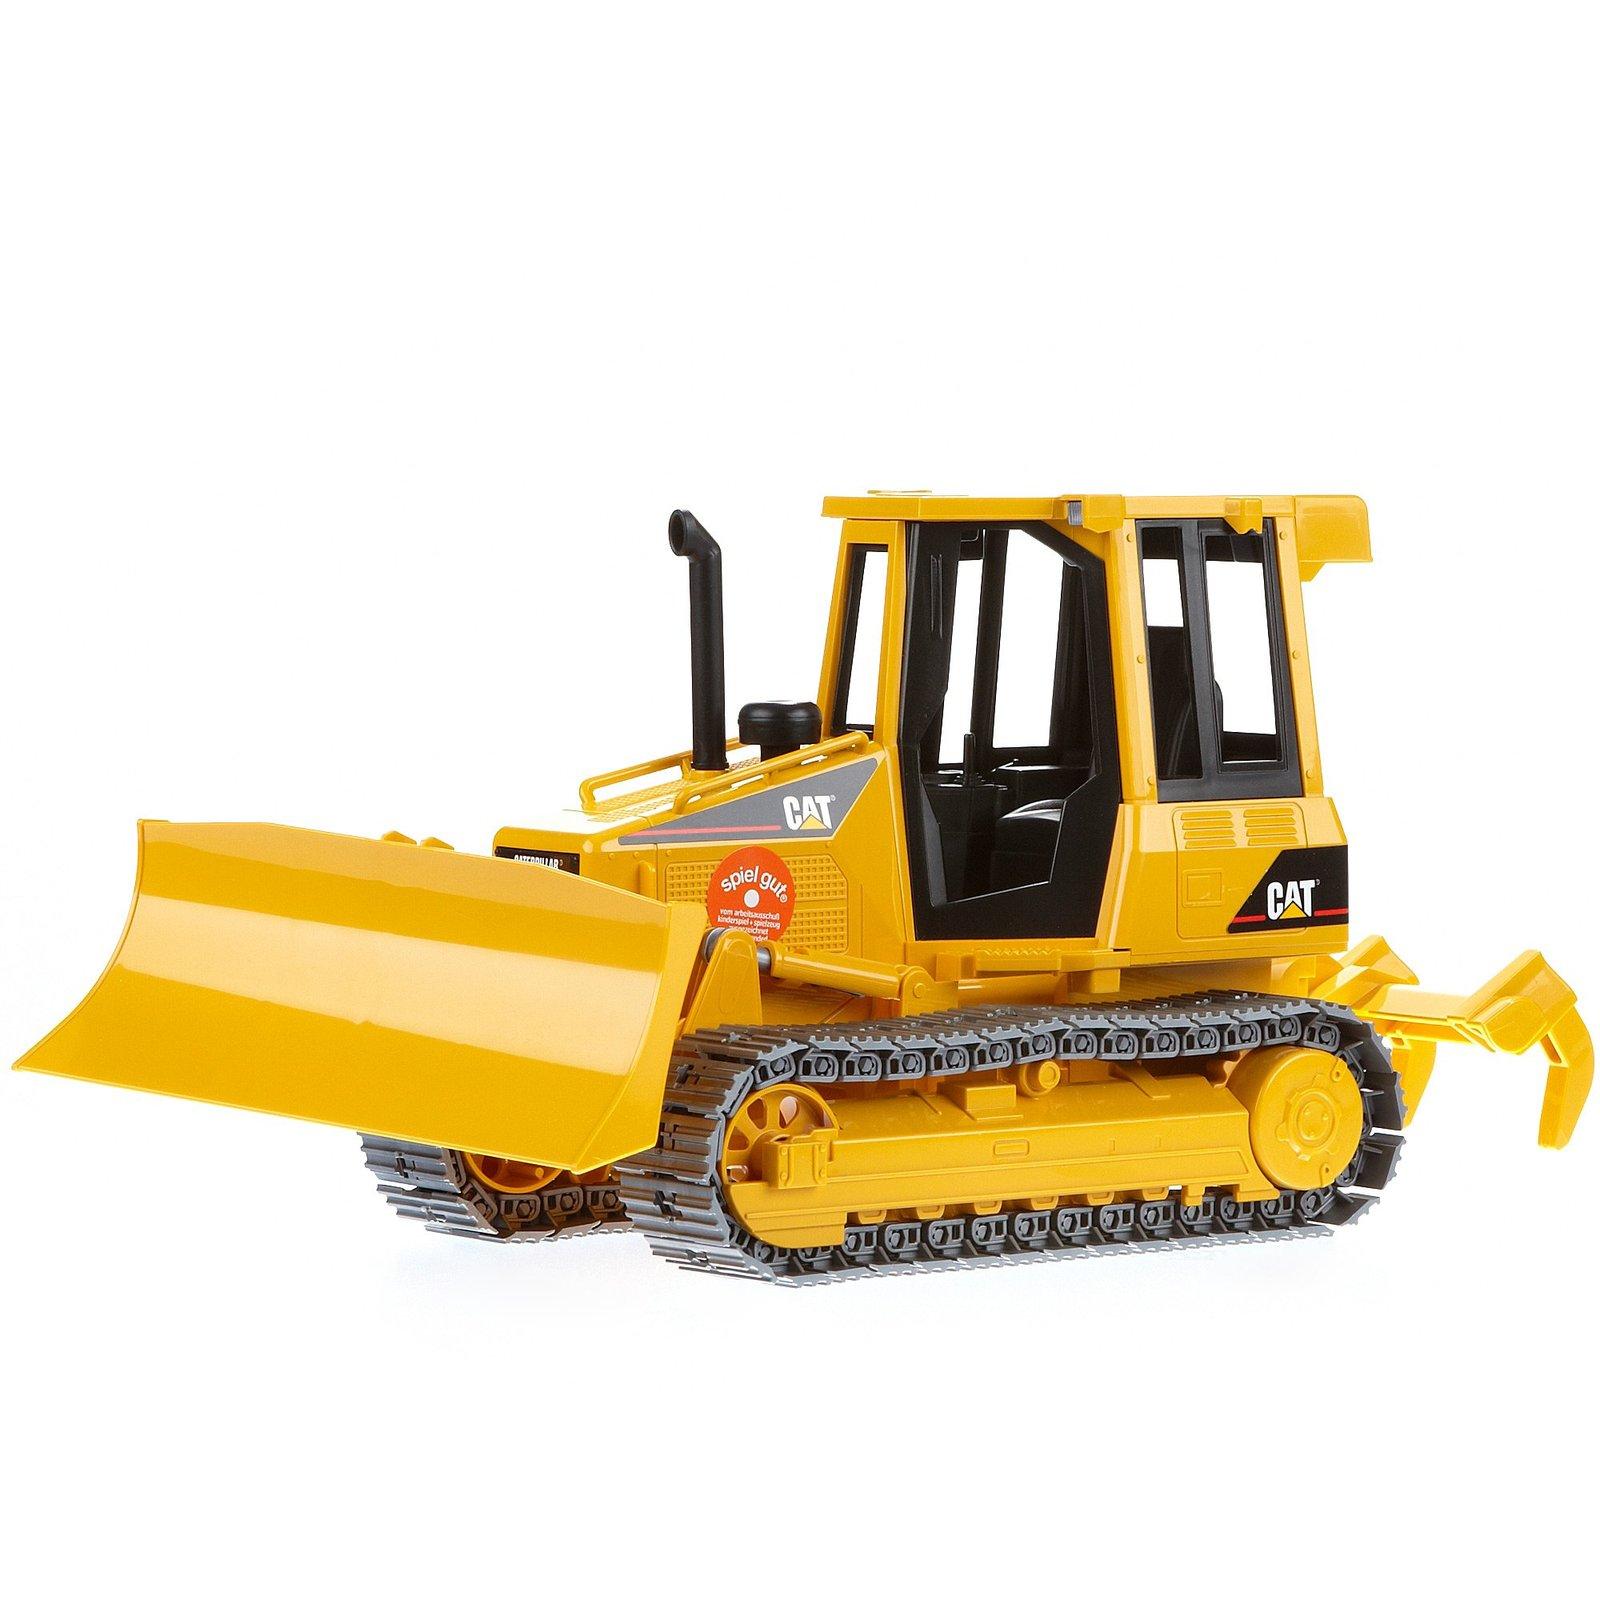 Bruder - cat track-type traktor (1:16), 3 stk. på lager fra Bruder fra pixizoo